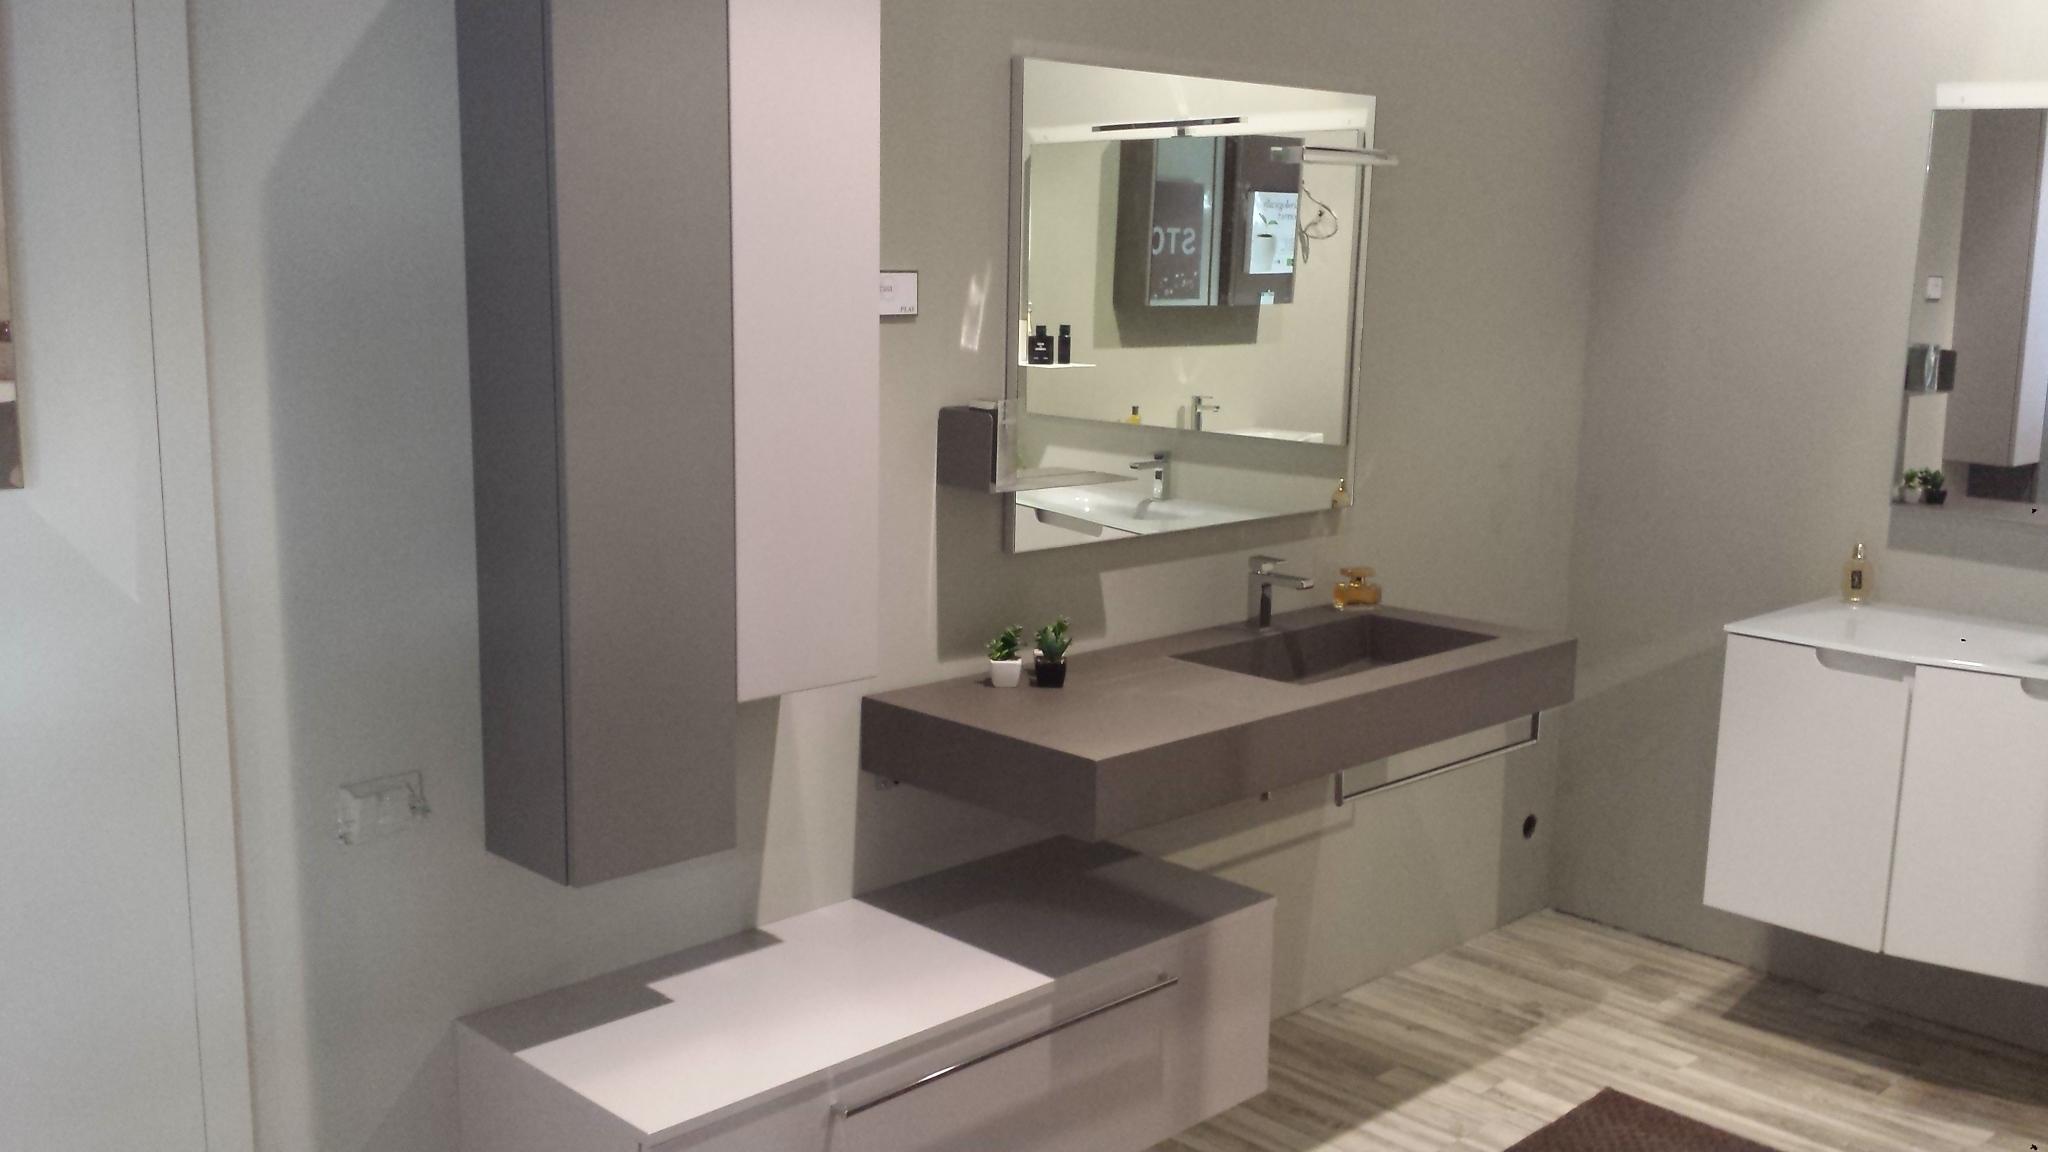 Bagno cerasa play scontato per rinnovo esposizione arredo bagno a prezzi scontati - Cerasa mobili bagno ...